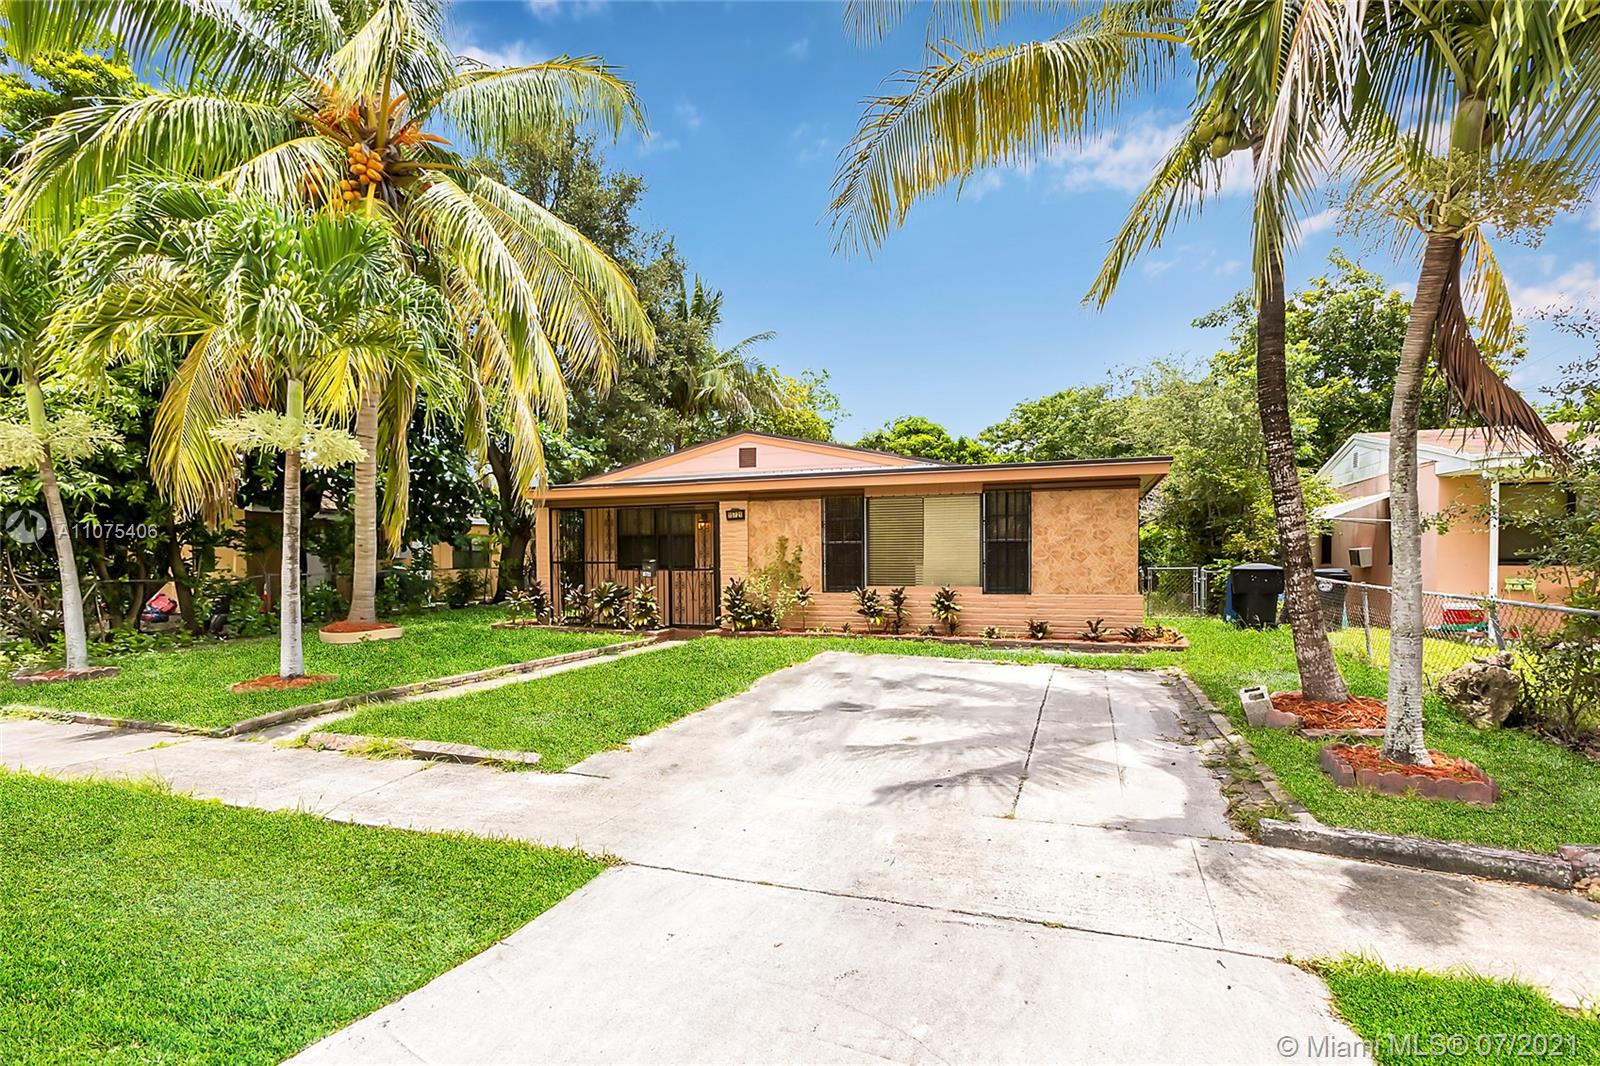 North Miami Beach - 15721 NE 15th Pl, North Miami Beach, FL 33162